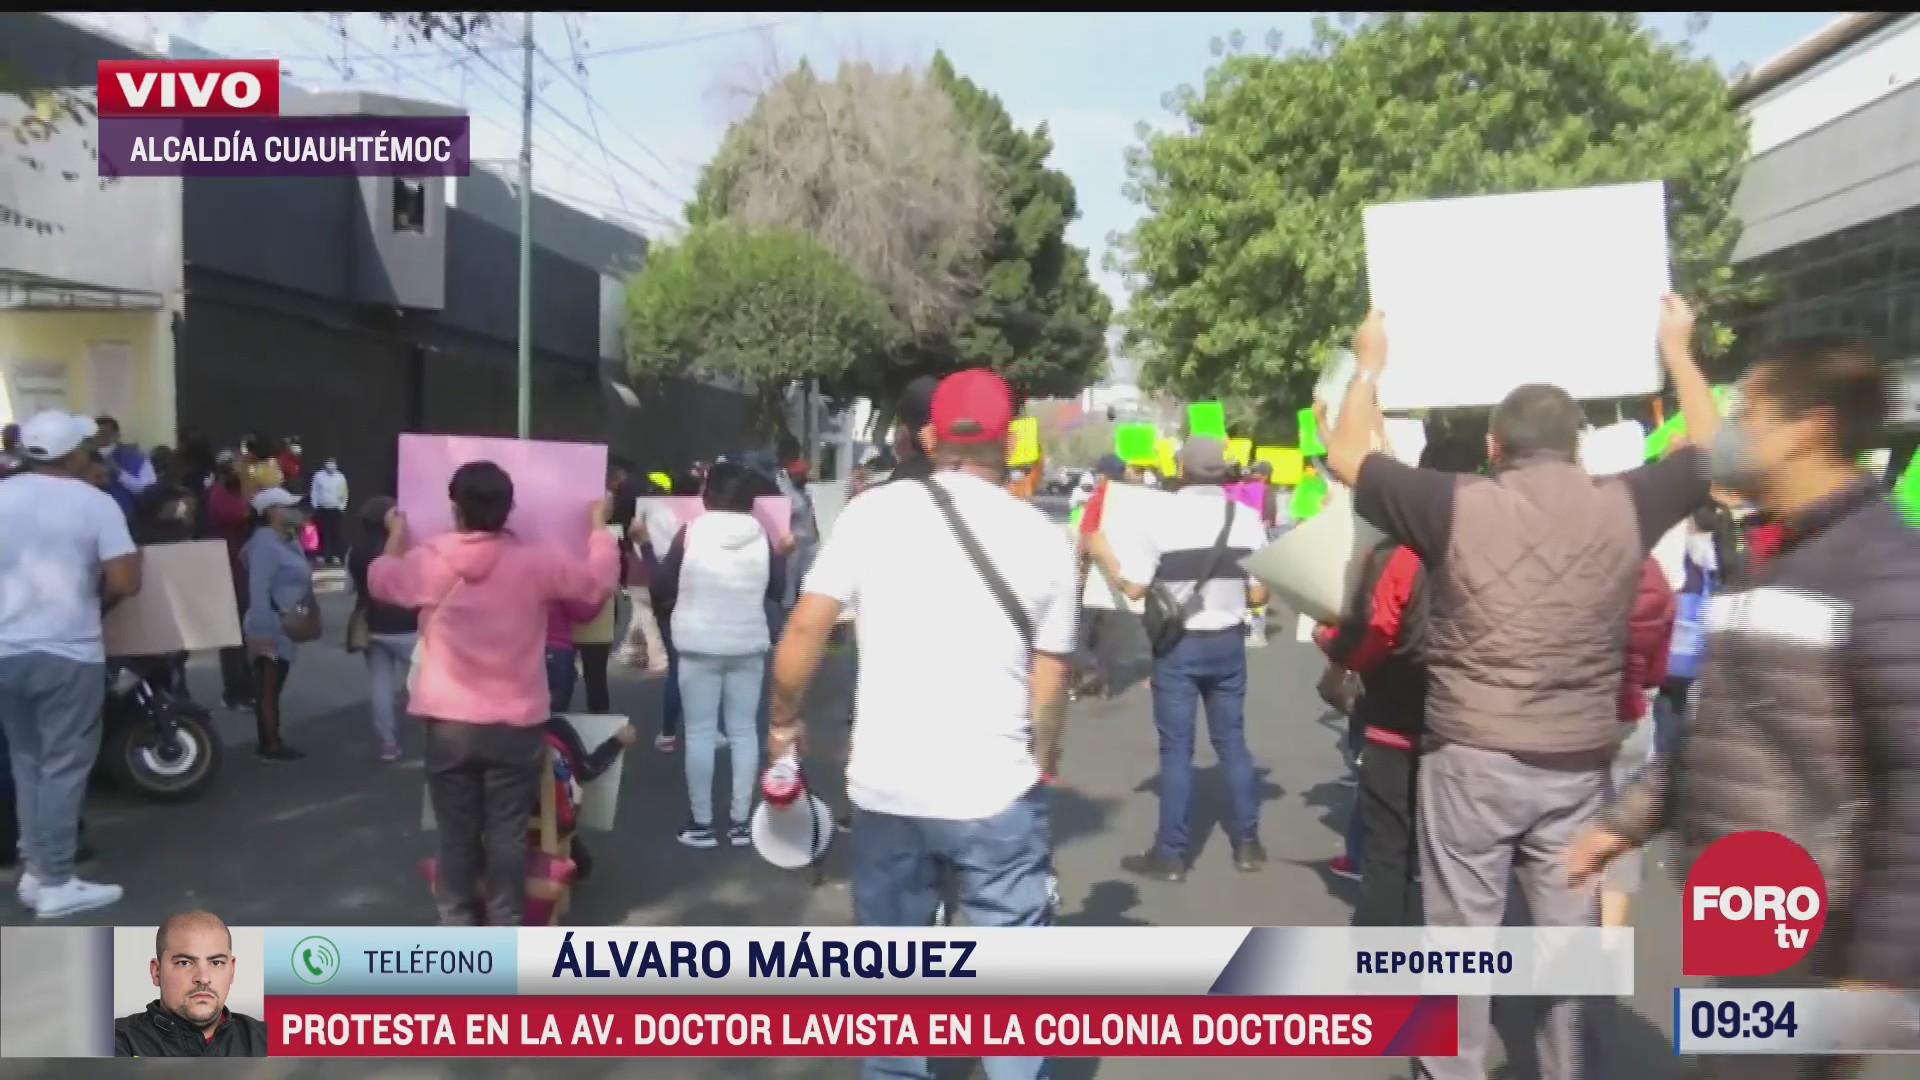 manifestantes protestan en la alcaldia cuauhtemoc exigen liberacion de lideresa de vendedores ambulantes